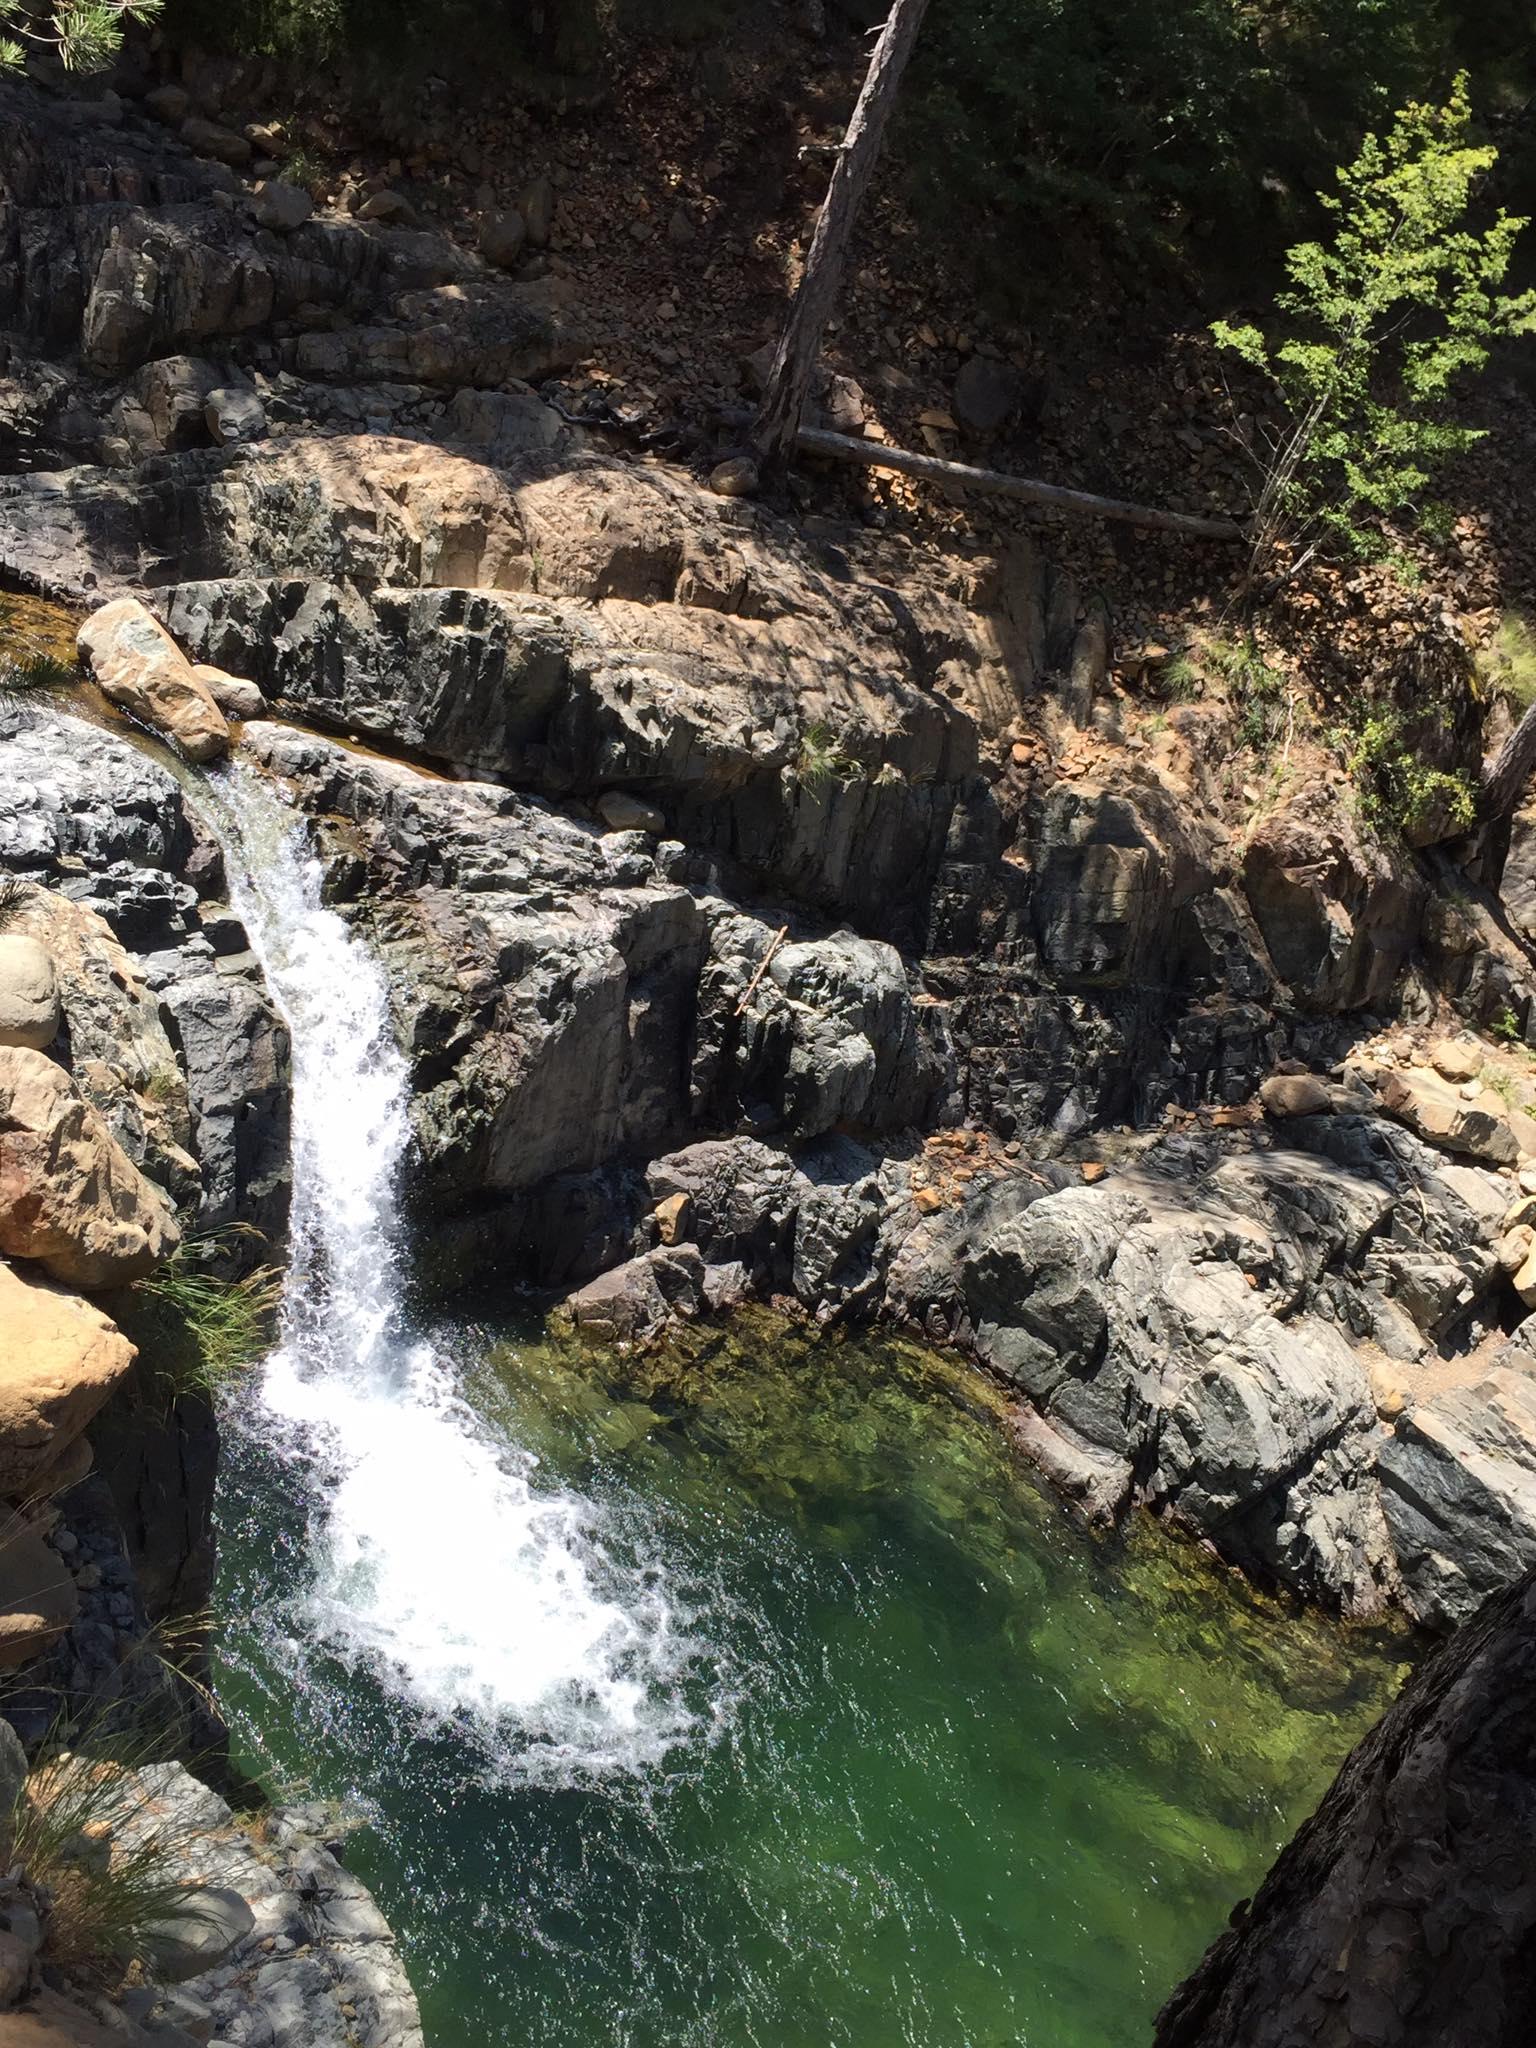 Οικοτουρισμός – η φυσική ομορφιά δίπλα μας. Η διαδρομή για τη Βάλια Κάλντα και όσα νοιώθει ο επισκέπτης.